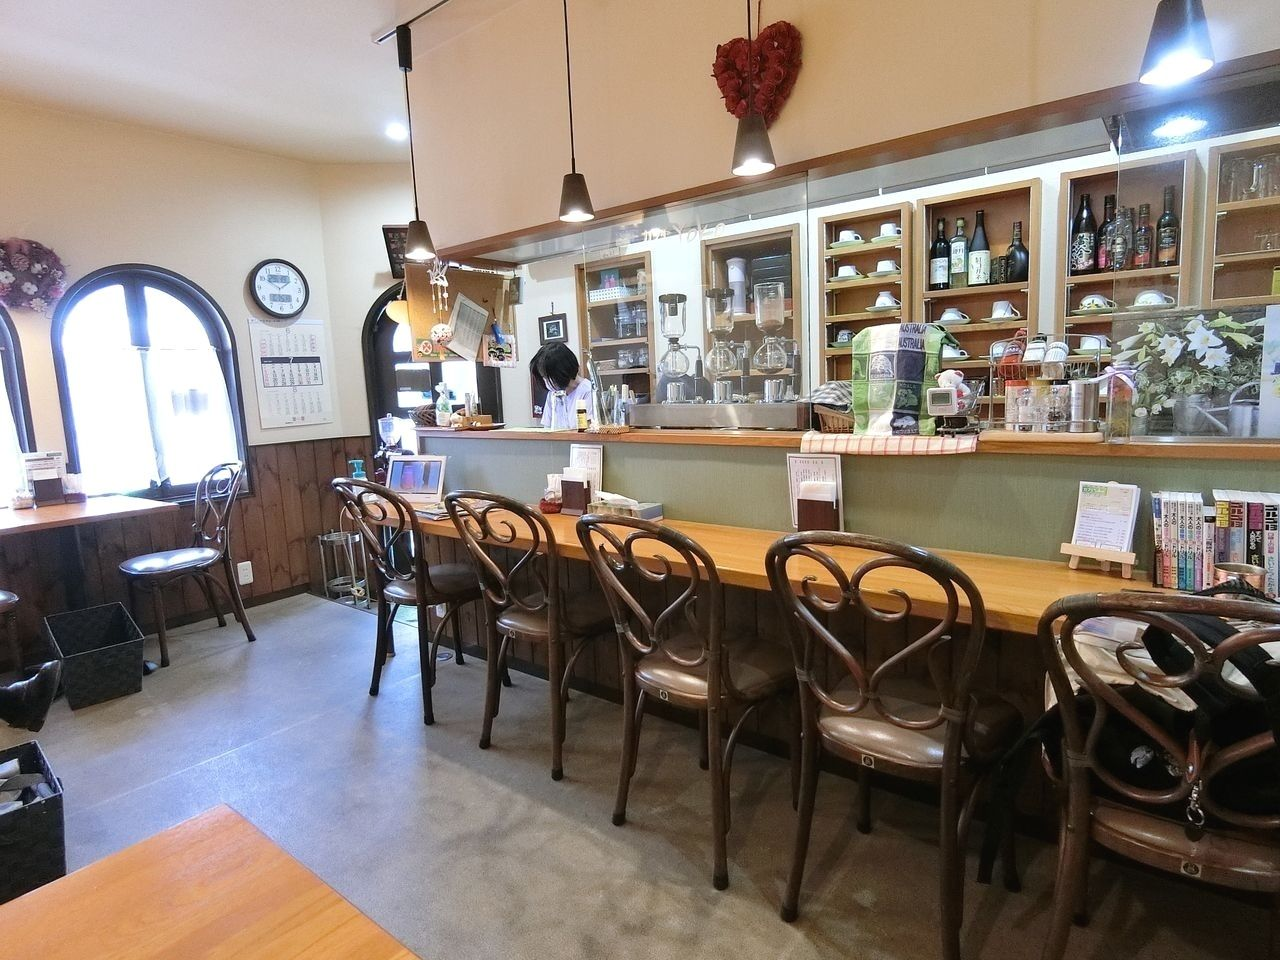 板橋区仲町(中板橋)のカフェYoko